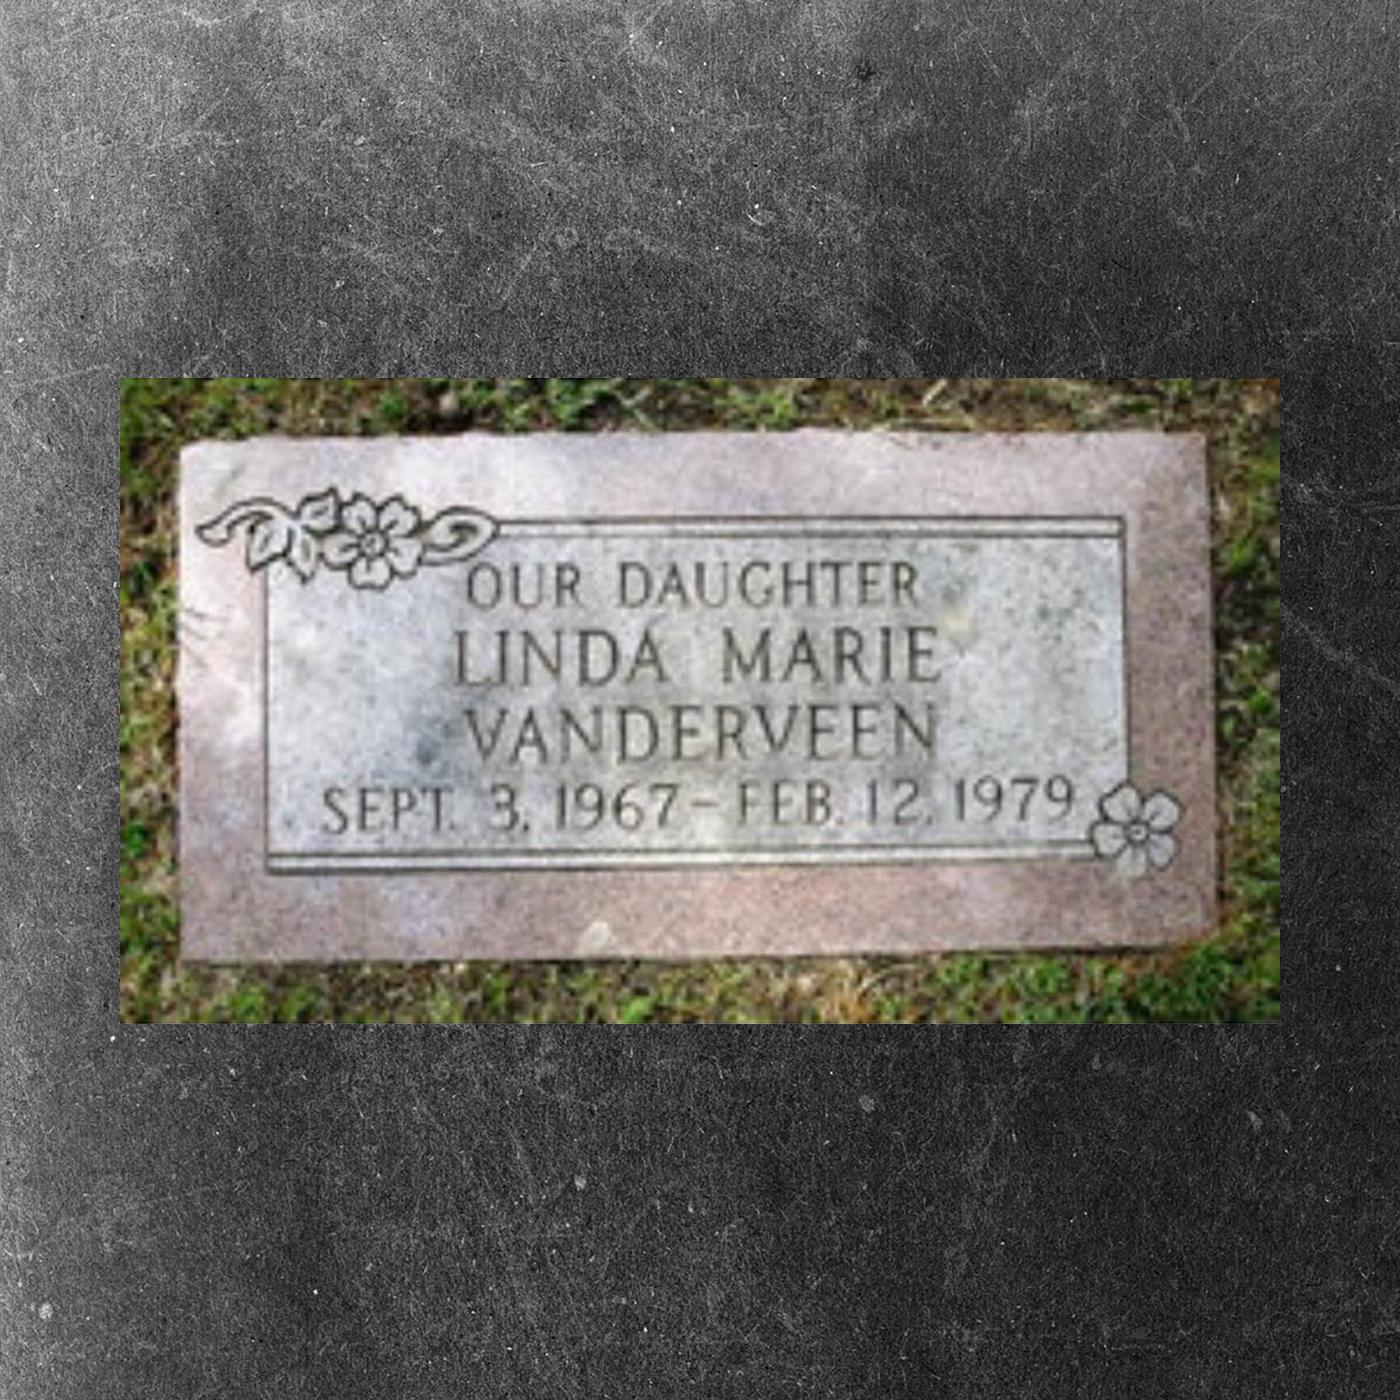 Linda Marie VanderVeen's grave